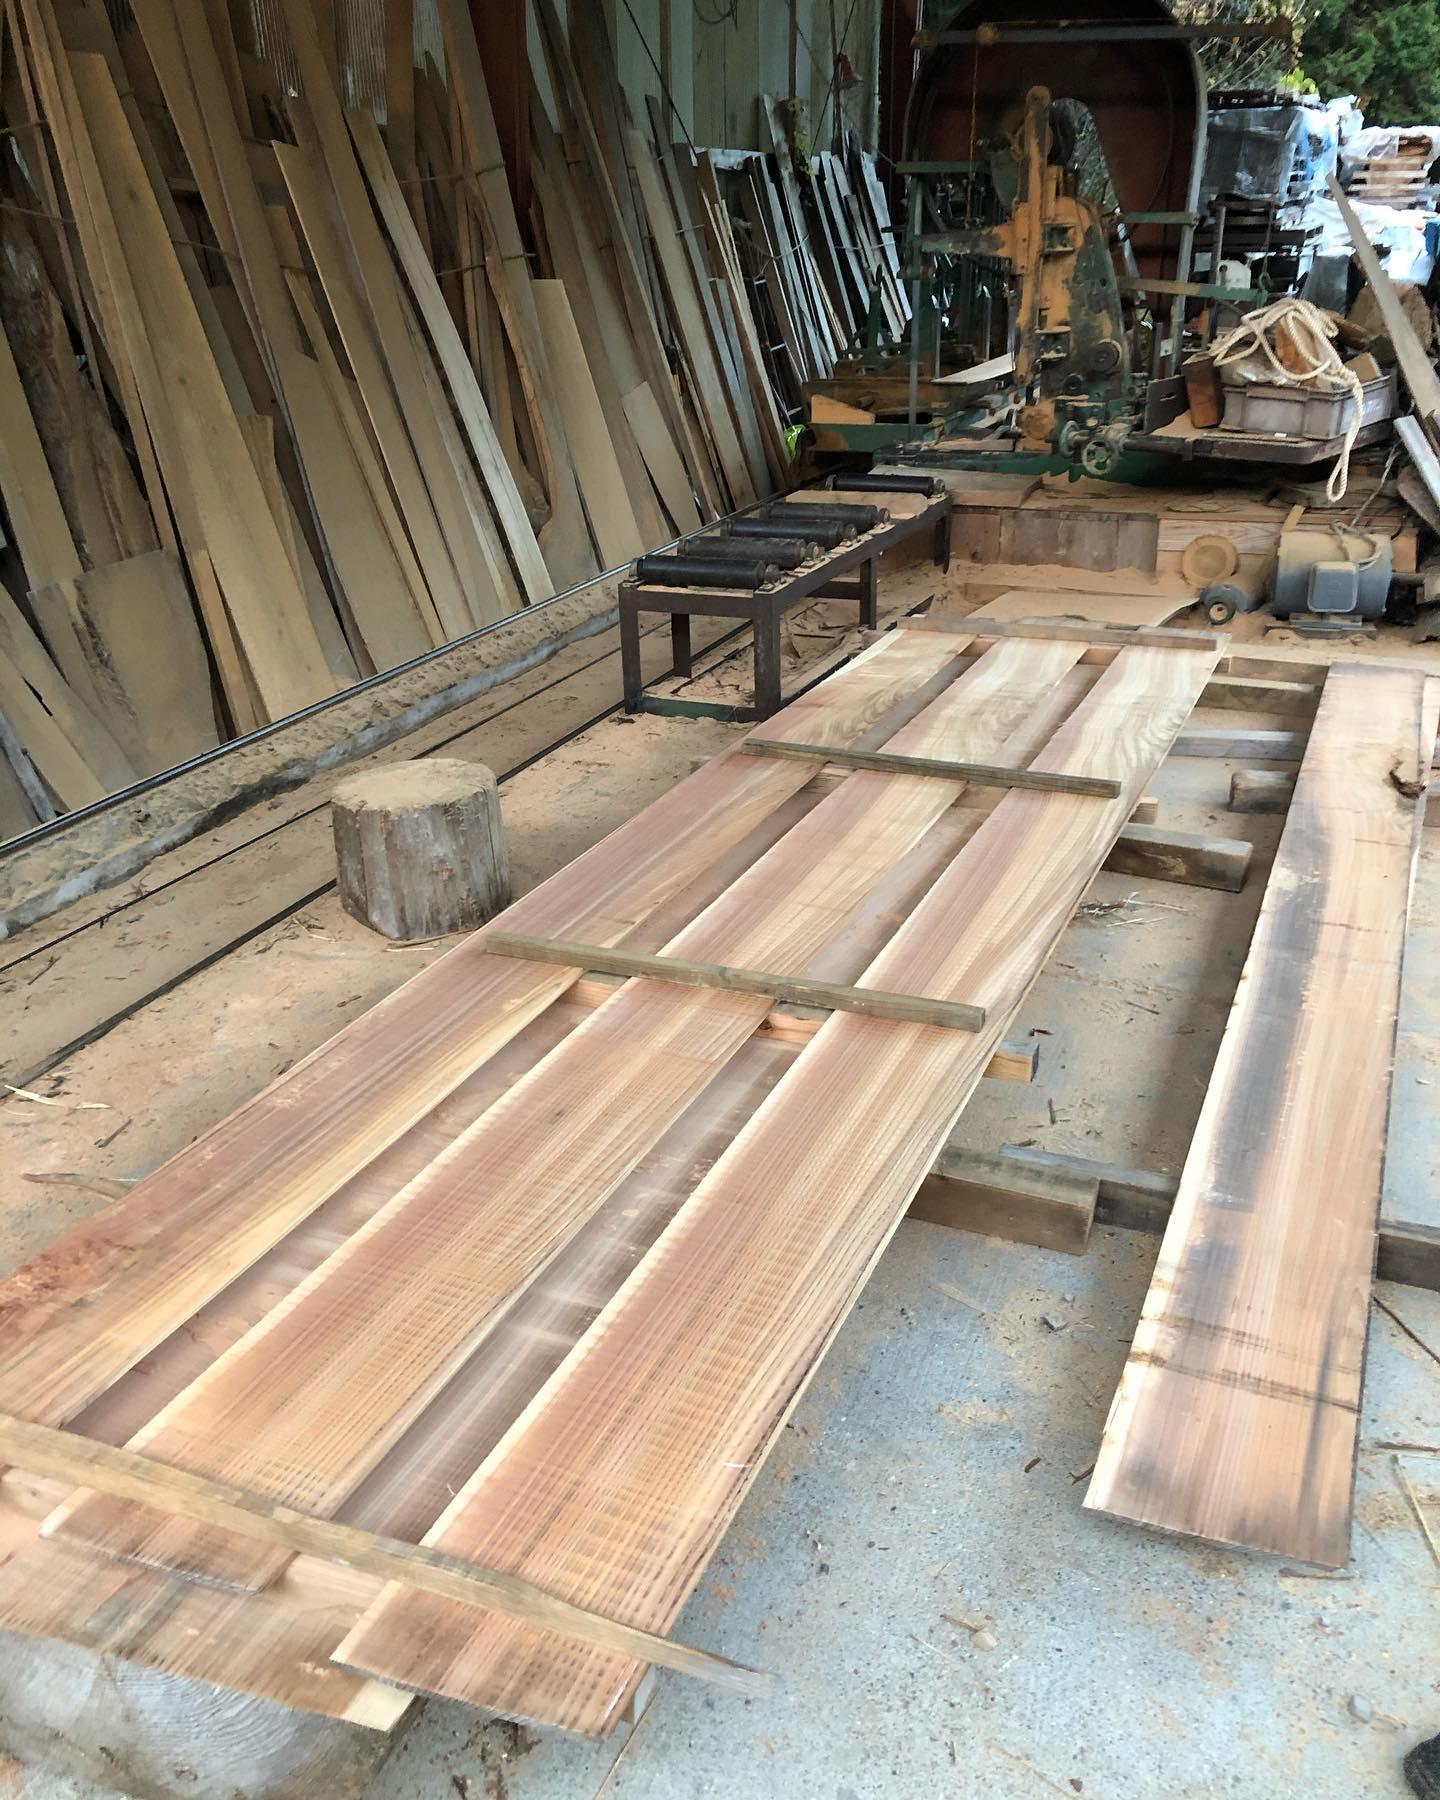 樹齢100年の木頭杉がサーフボードブランクスのストリンガー材になります。この地域の杉の特性は粘り強いしなりがあります。古来から船材として使用されてきたことから、サーフボードにも絶対に適していると思います。そんな素晴らしい県産材のサーフボードに誇りを持って波乗りしませんか〜#woodboardkuku#木頭杉#surfing#surfboard#木頭杉ストリンガー @woodboardkuku @nakawood @indianeagleyasu @corefoamjapan